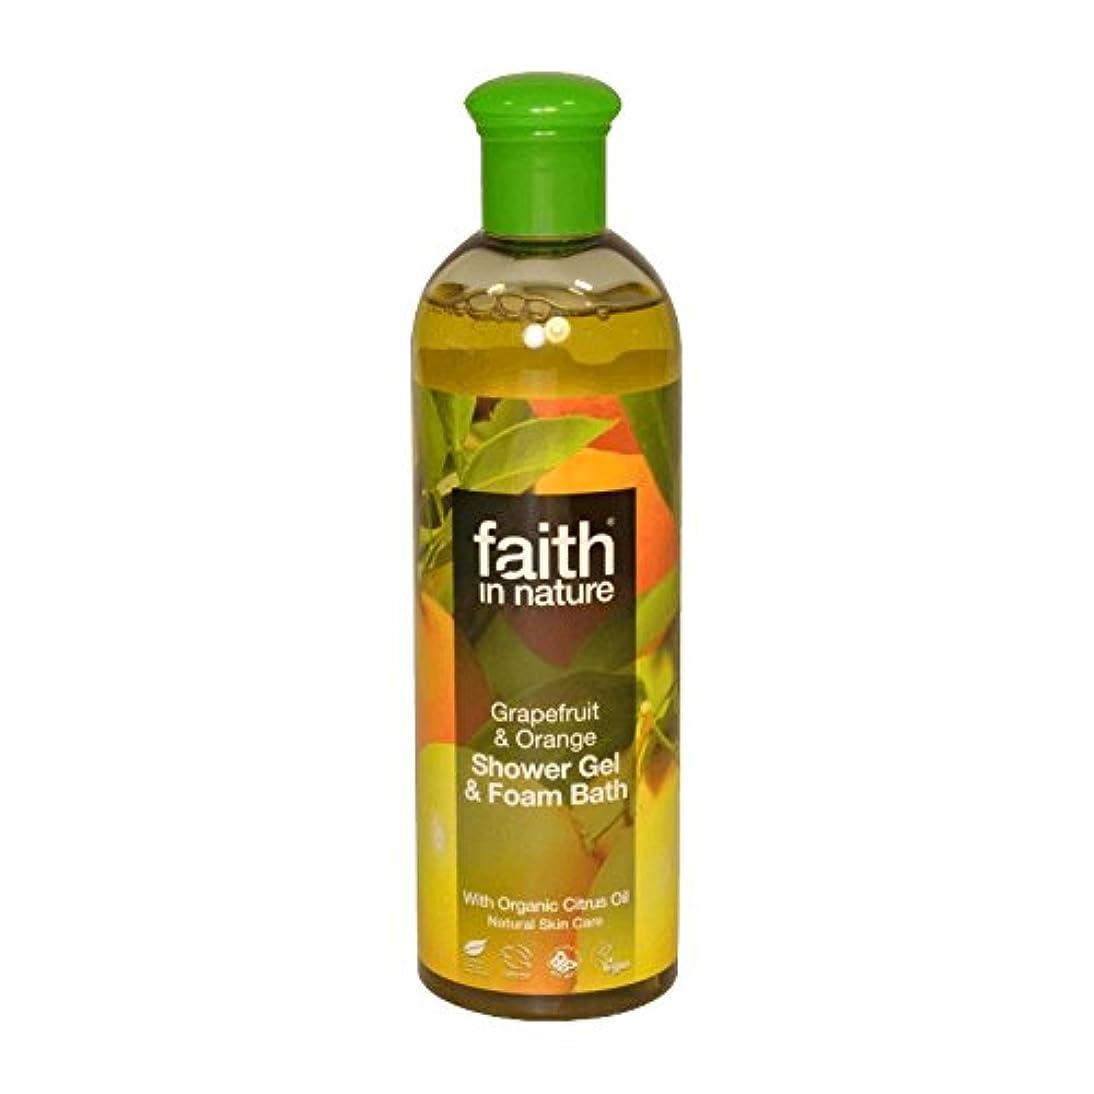 権威有力者支配するFaith in Nature Grapefruit & Orange Shower Gel & Bath Foam 400ml (Pack of 2) - 自然グレープフルーツ&オレンジシャワージェル&バス泡400ミリリットル...